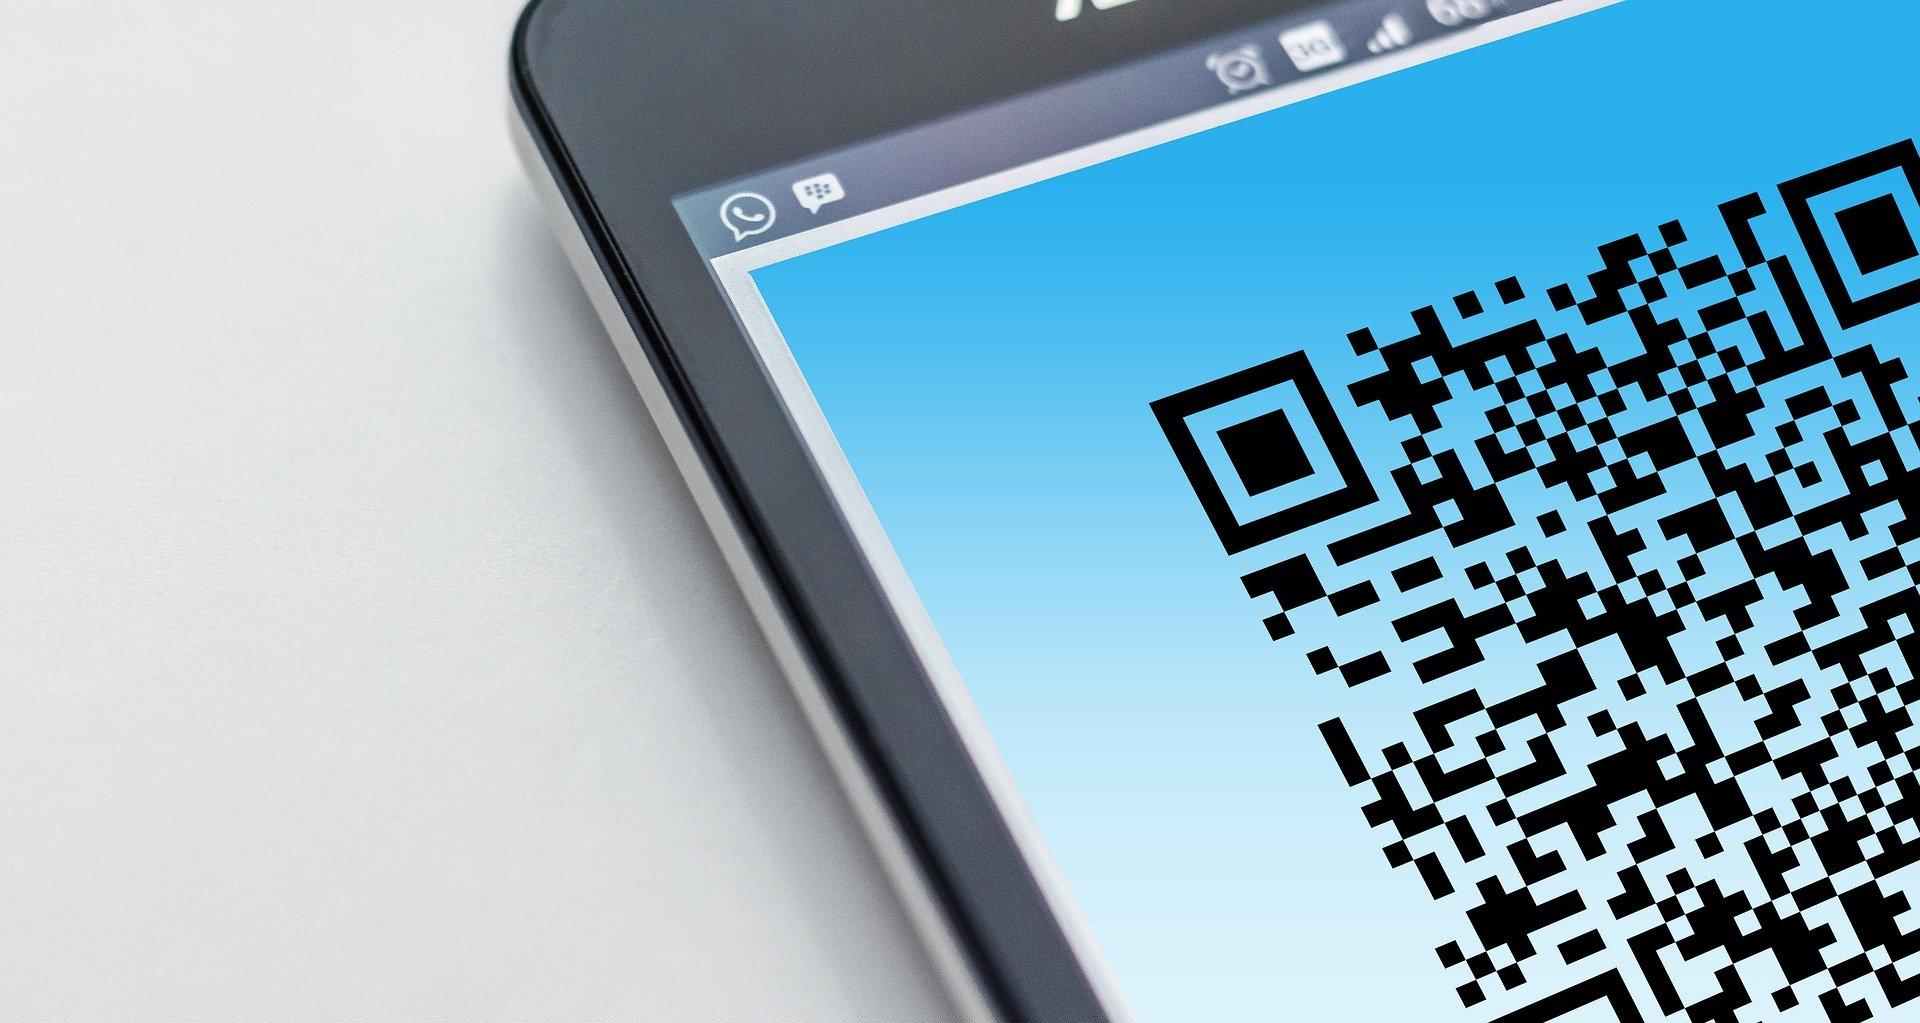 QR-код вместо паспорта предложили внедрить в России